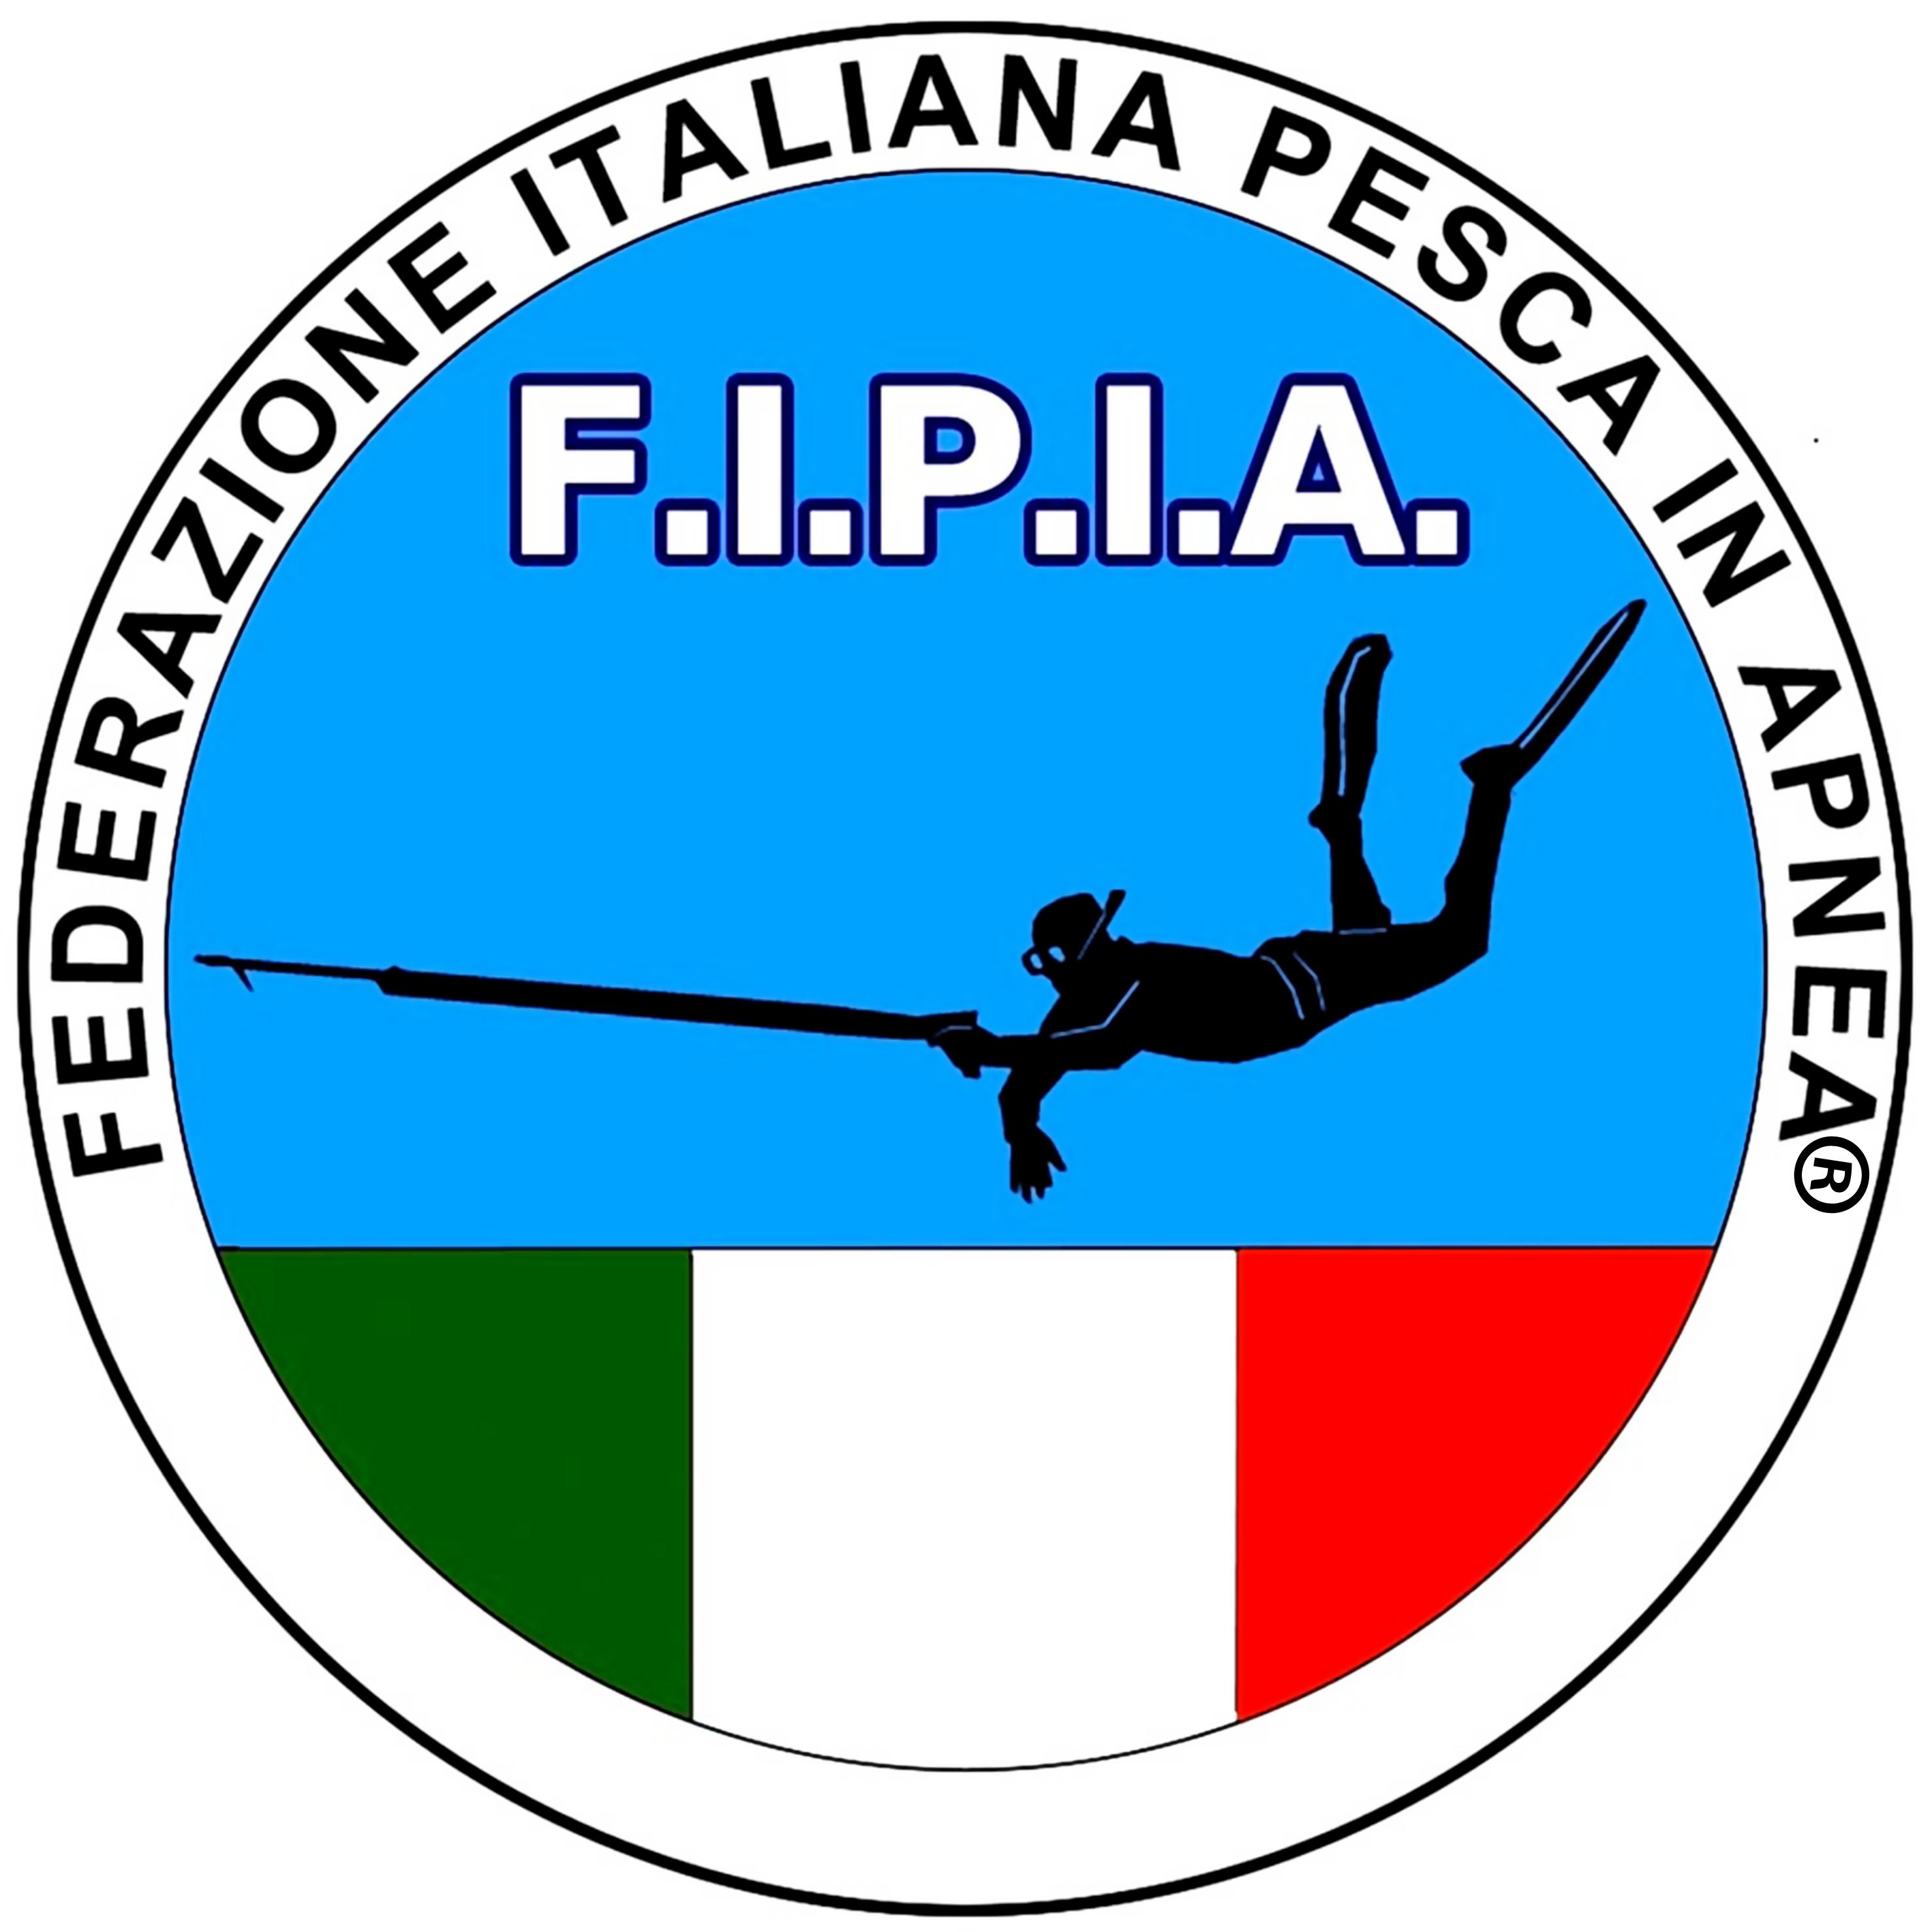 FIPIA EUDI Show – Bologna 1-2-3 Marzo 2019